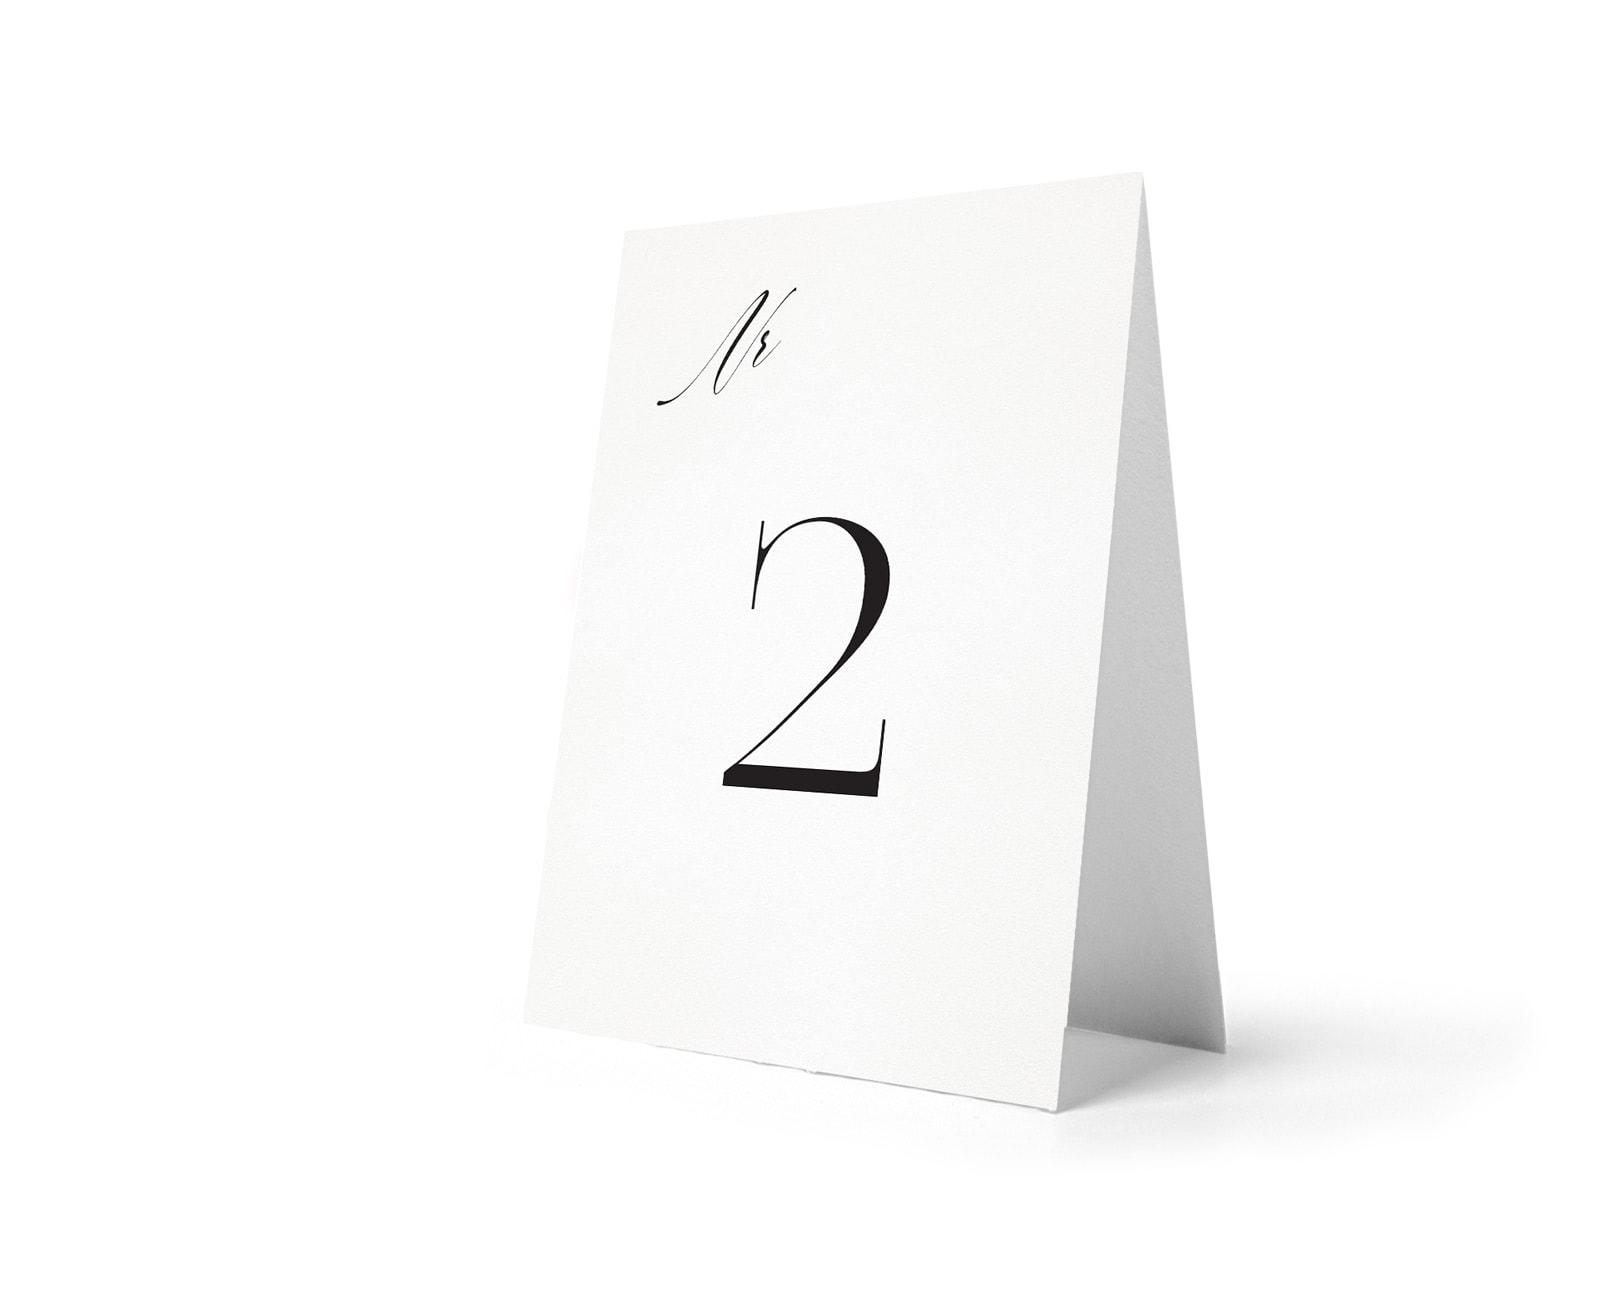 Proste numery stołów w minimalistycznym stylu